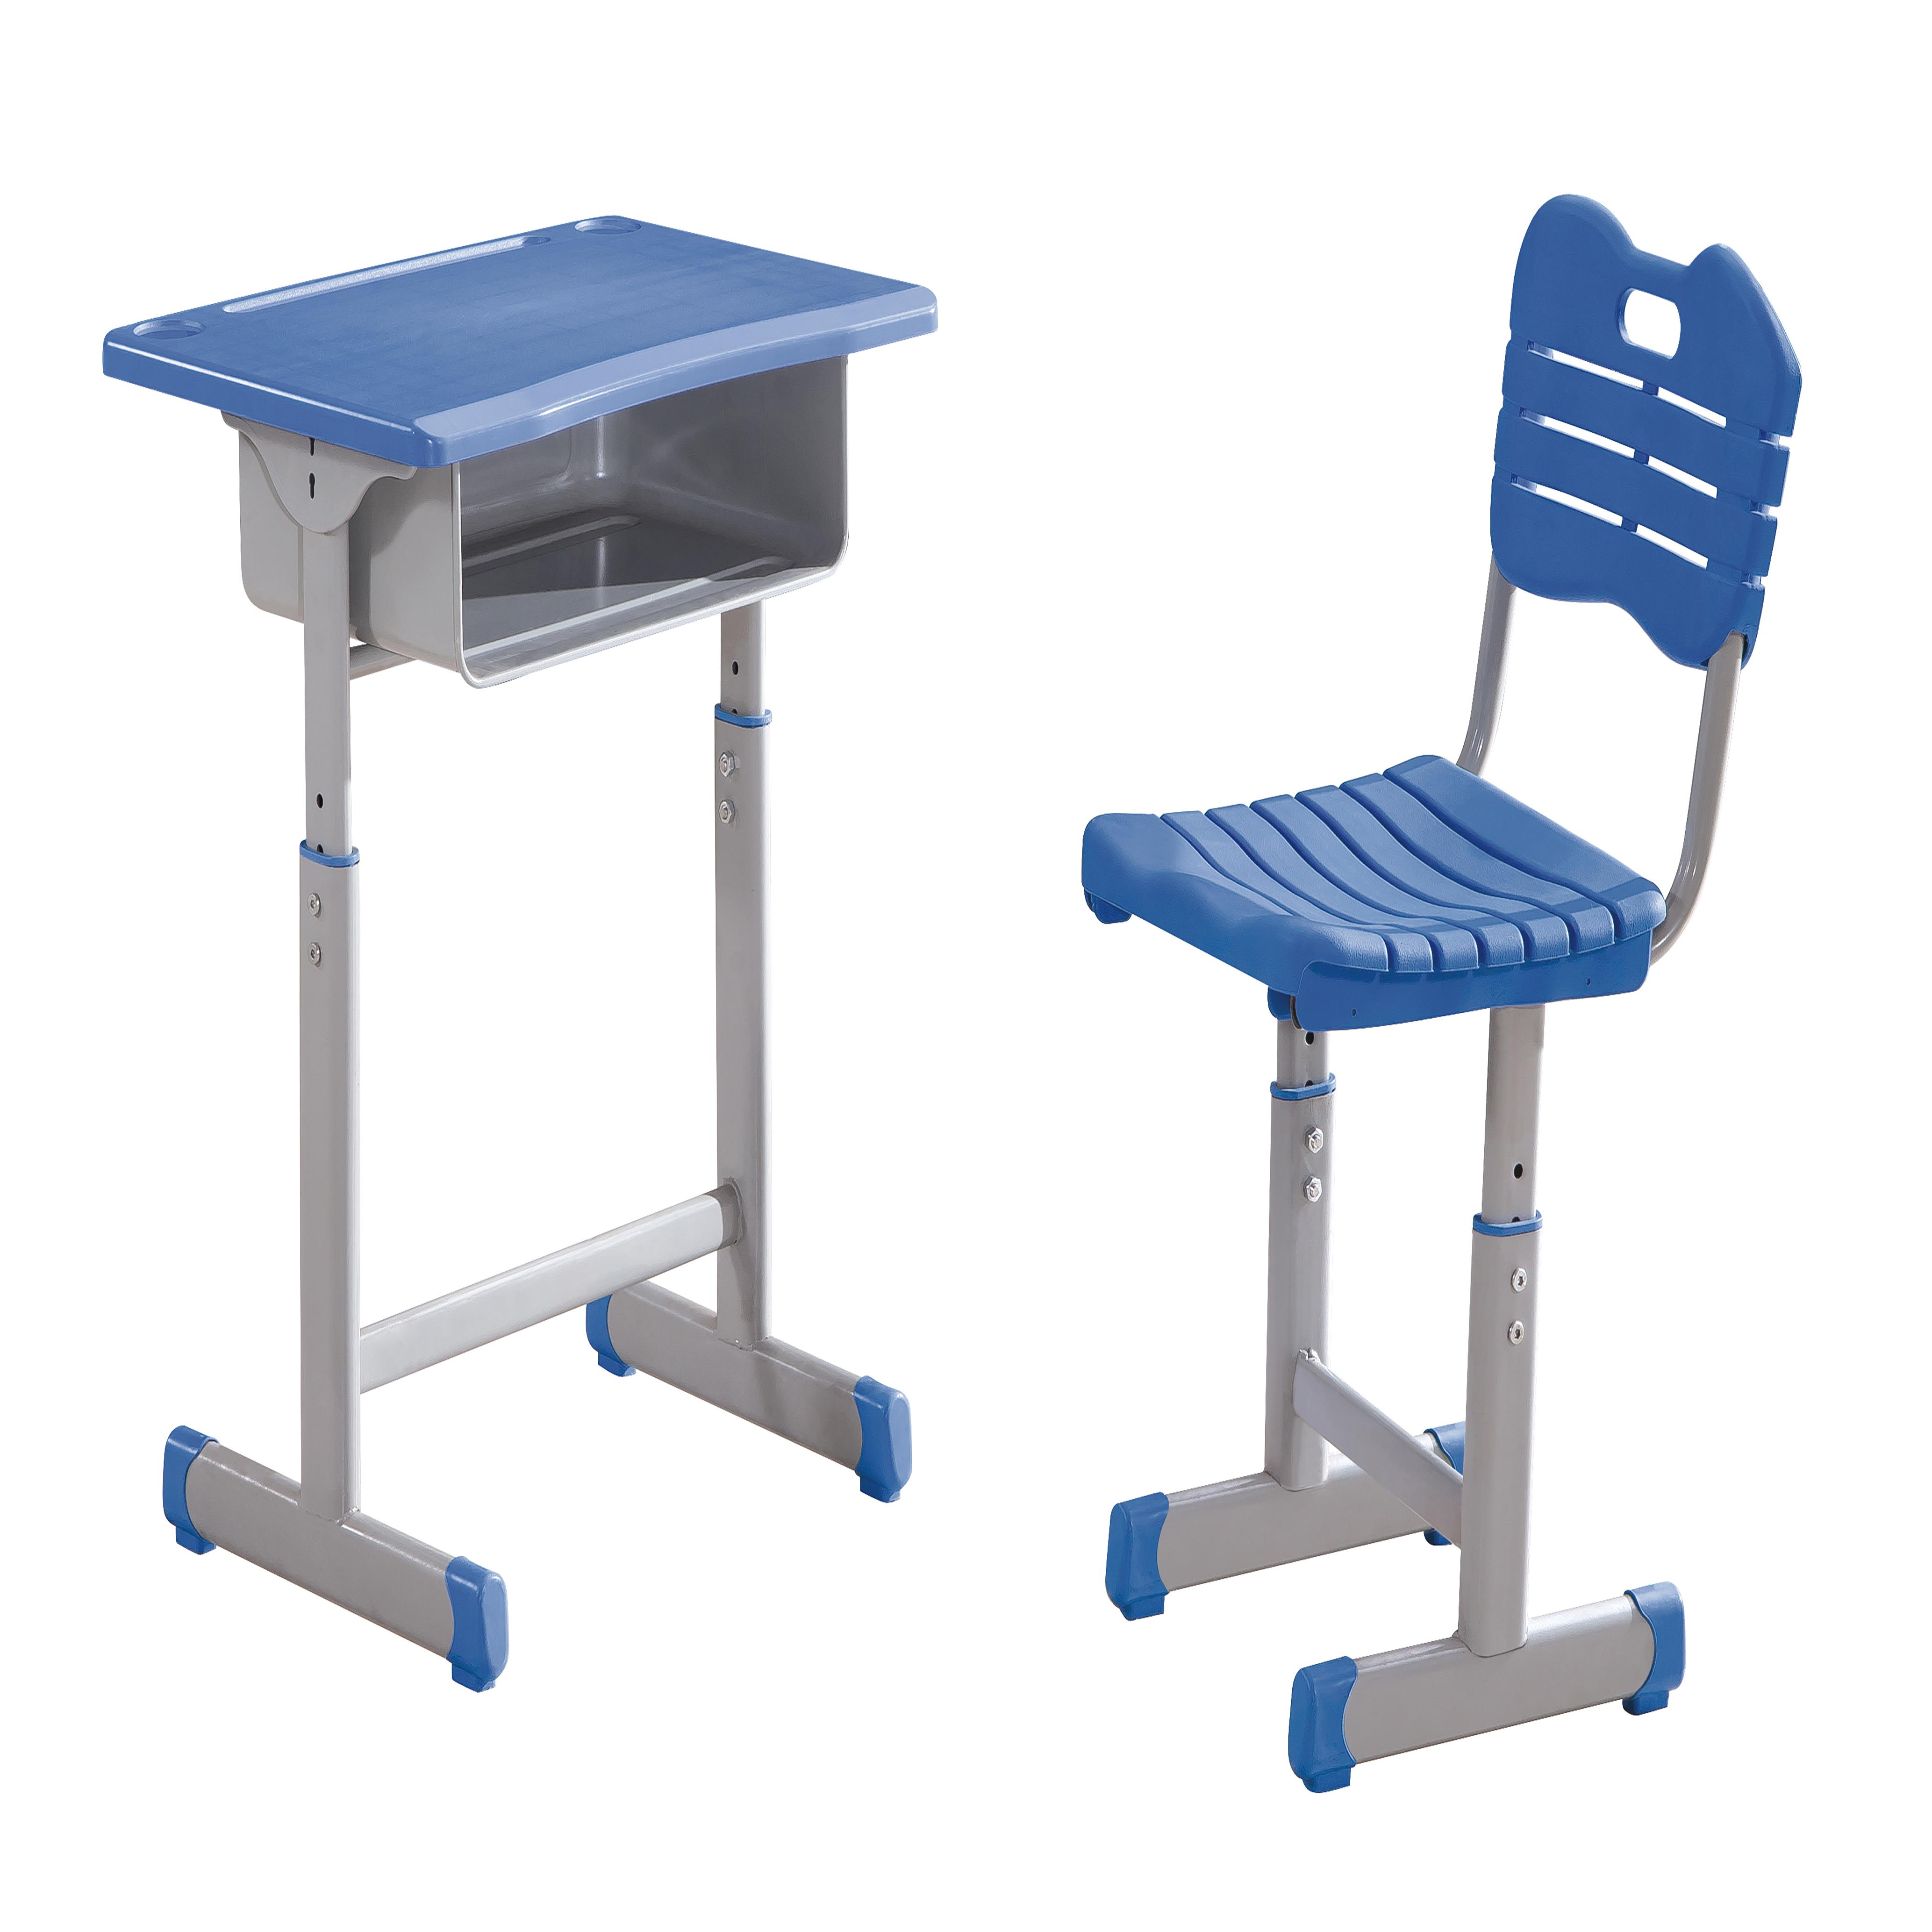 Школьный пластиковый стол и стул для детей, классная настольная форма